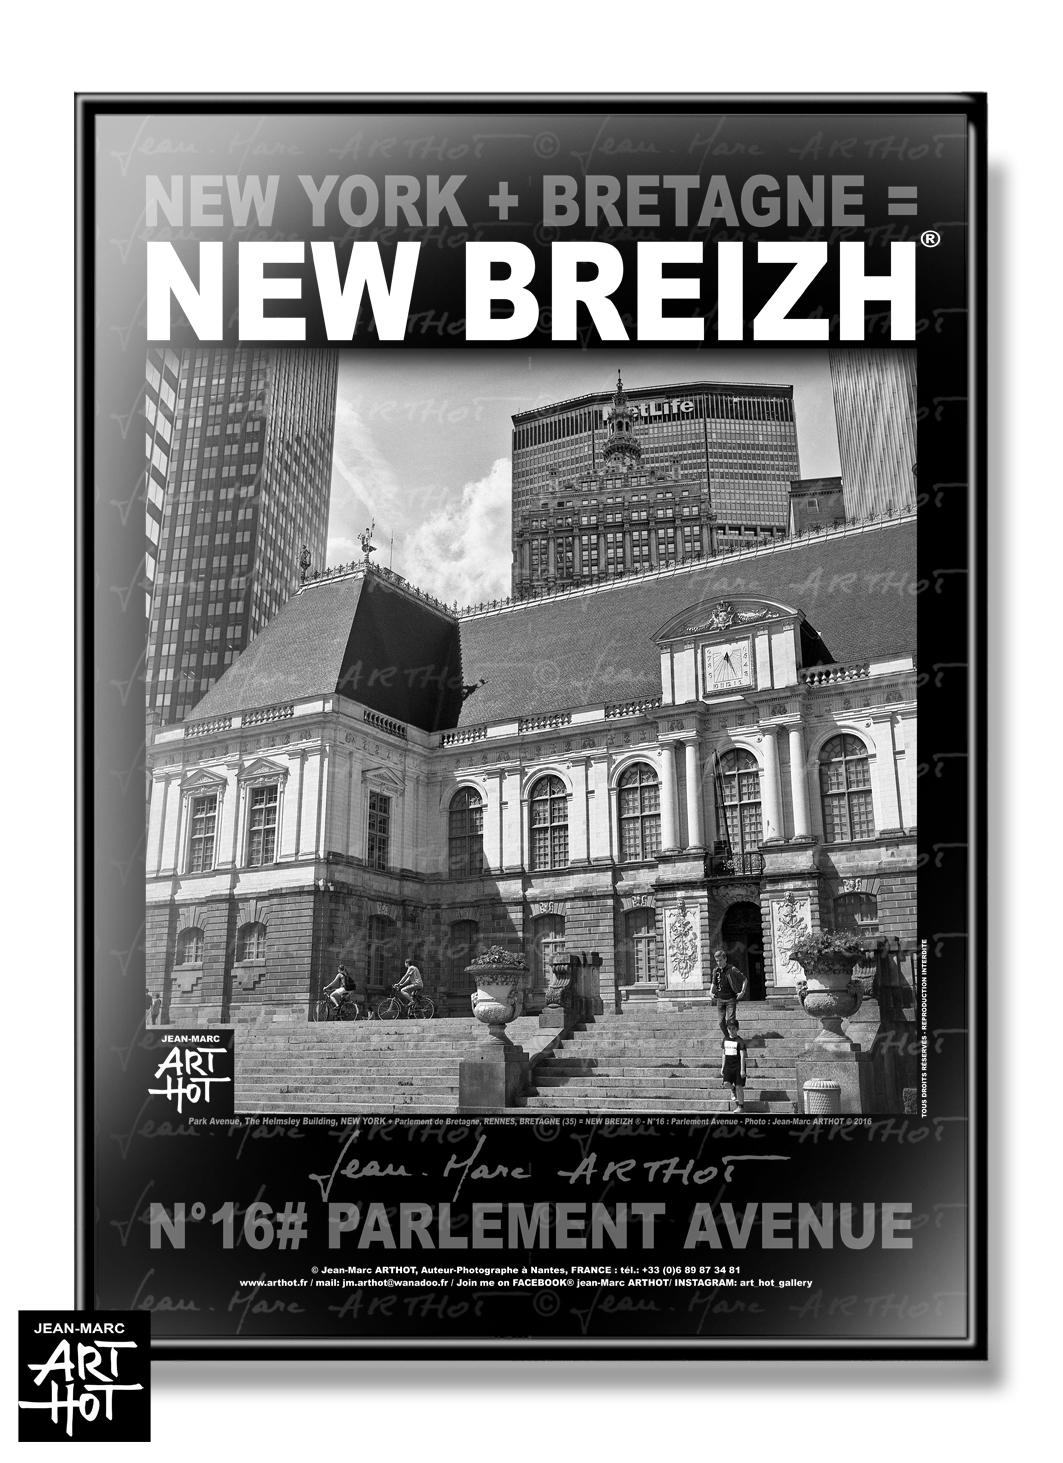 AFFICHE NEW BREIZH N°16-Parlement Avenue